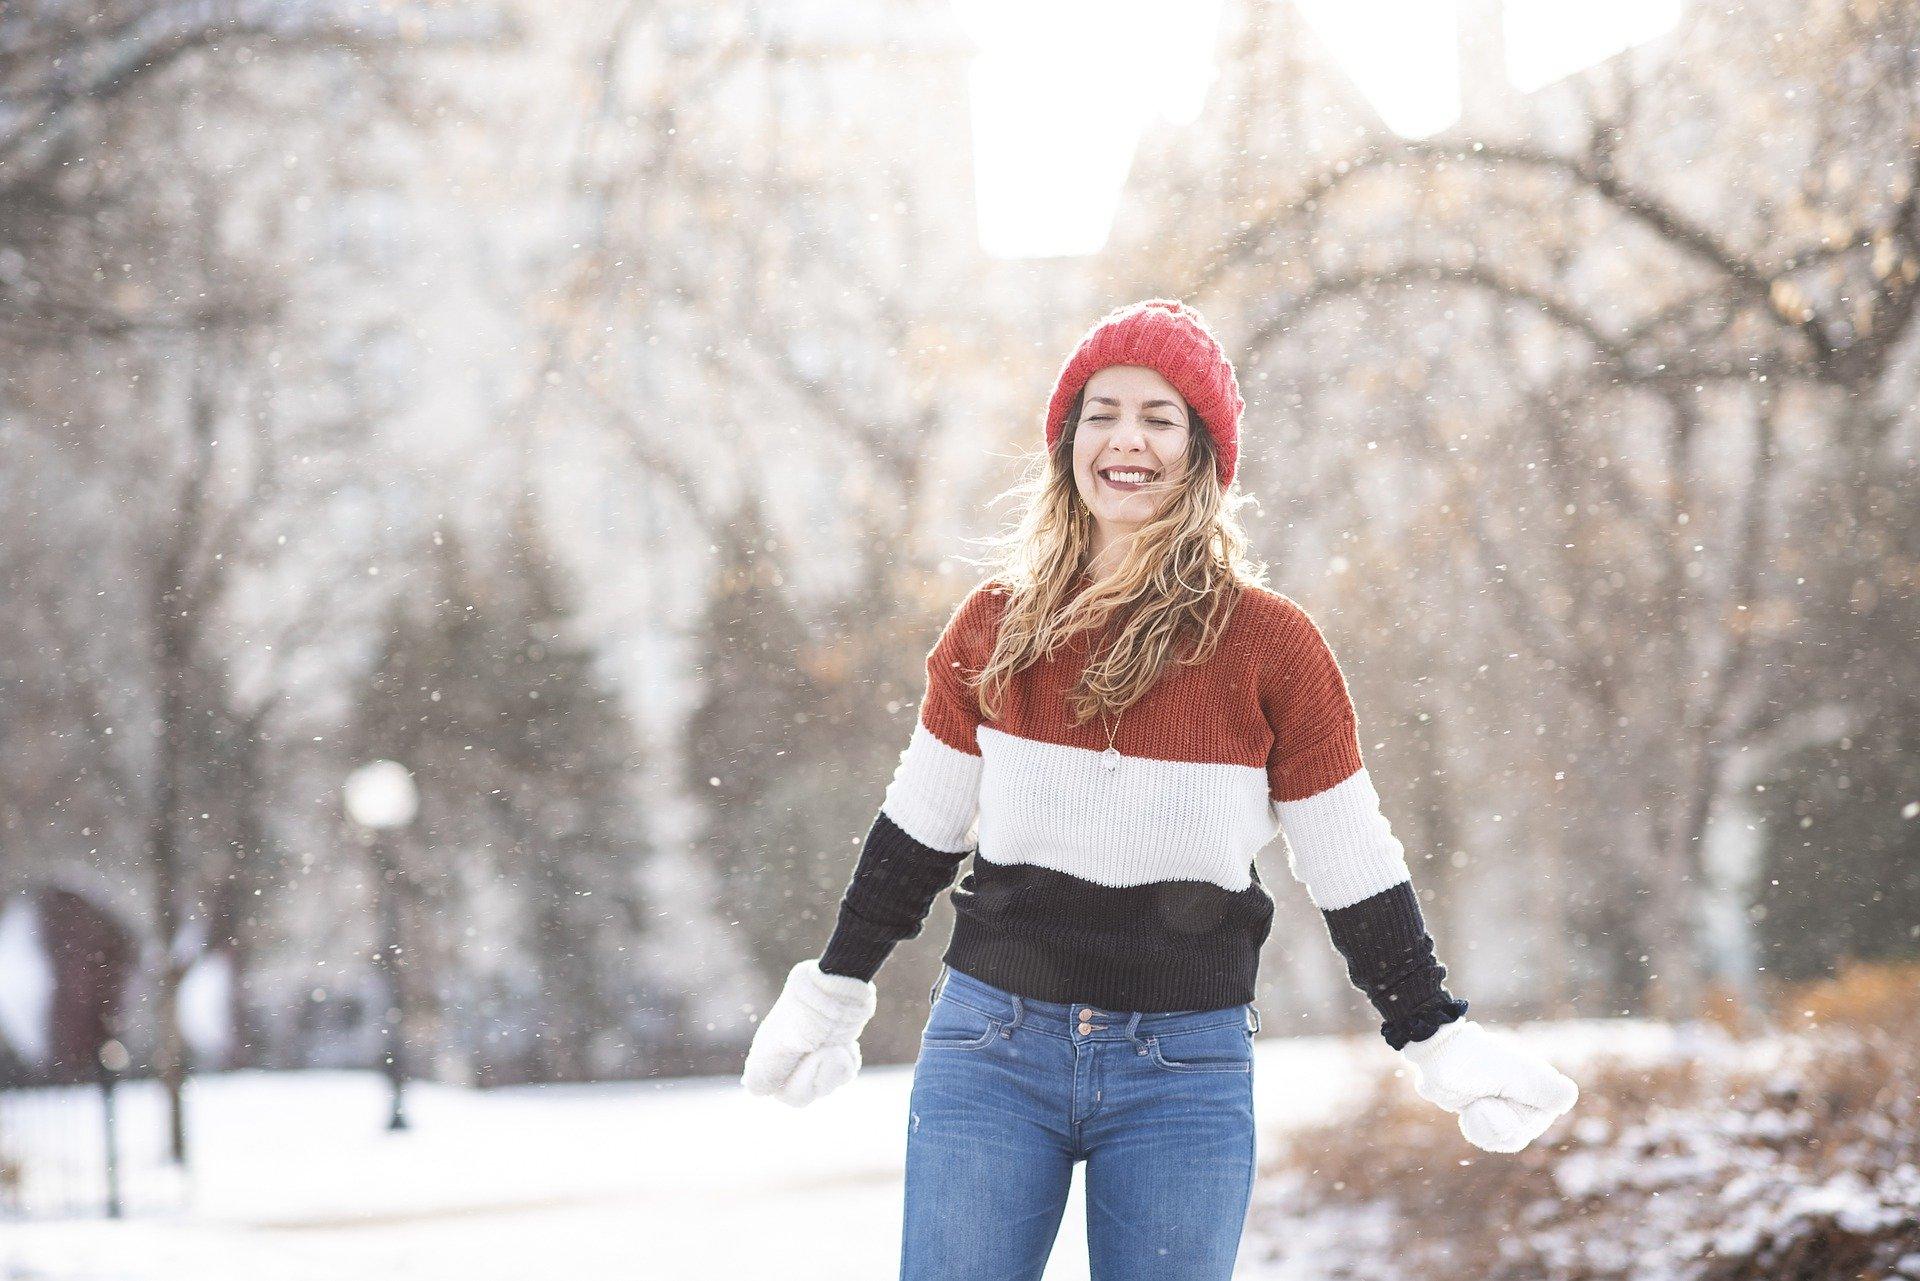 winter-ana_krach_pixabay.jpg